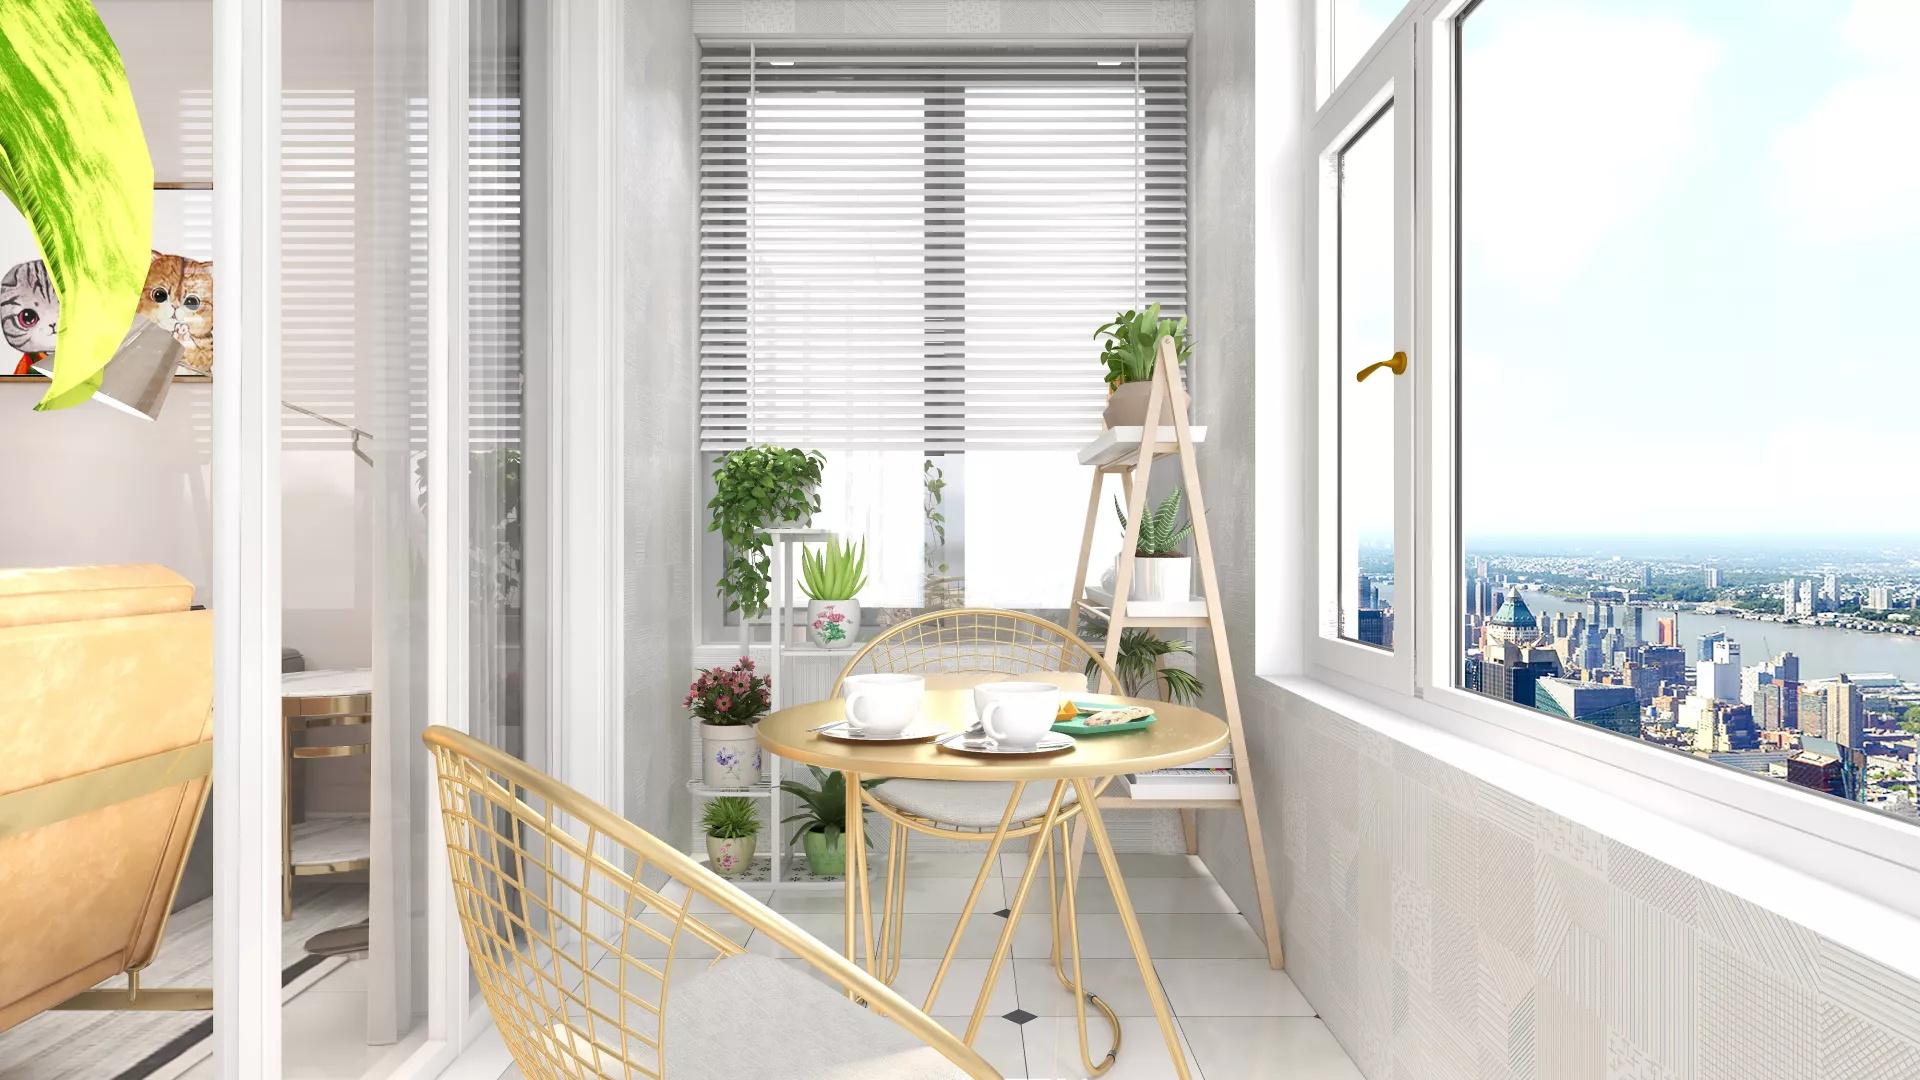 阳台要不要贴瓷砖  阳台贴瓷砖的好处